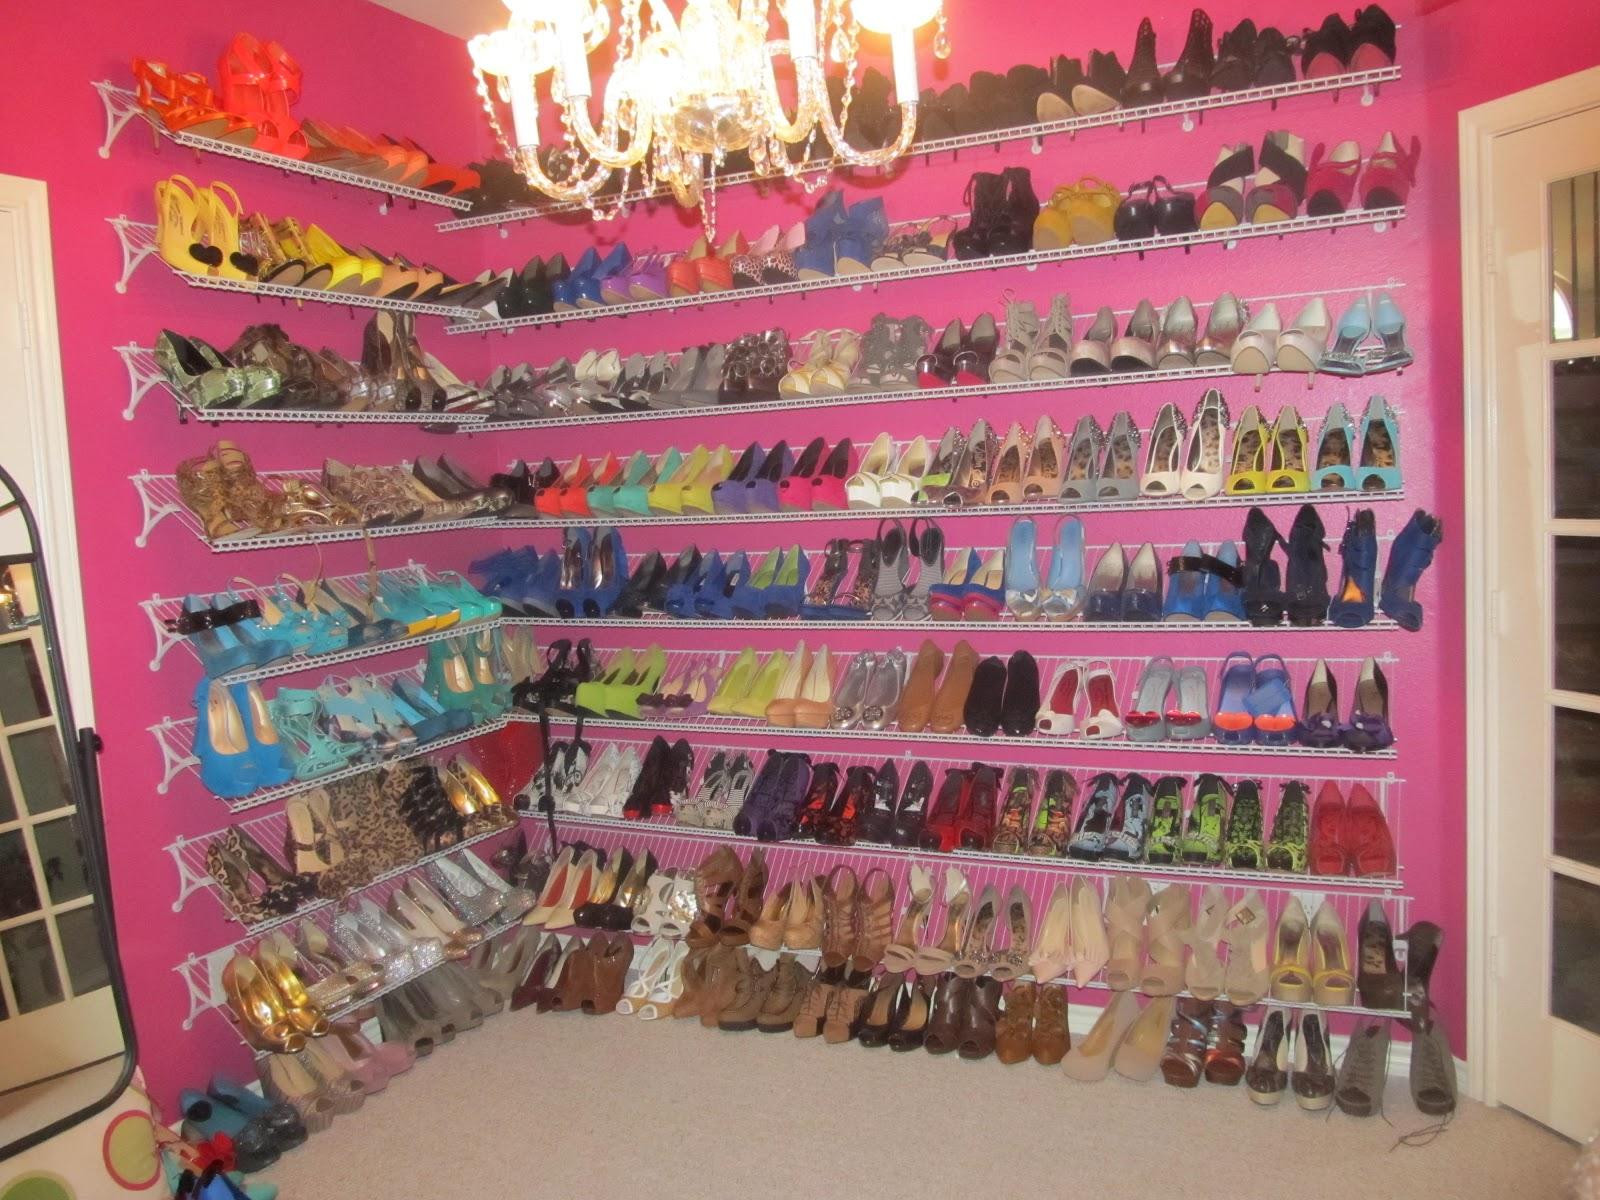 Www Shoebytch Com Shoe Connoisseur Ivie Imoisili